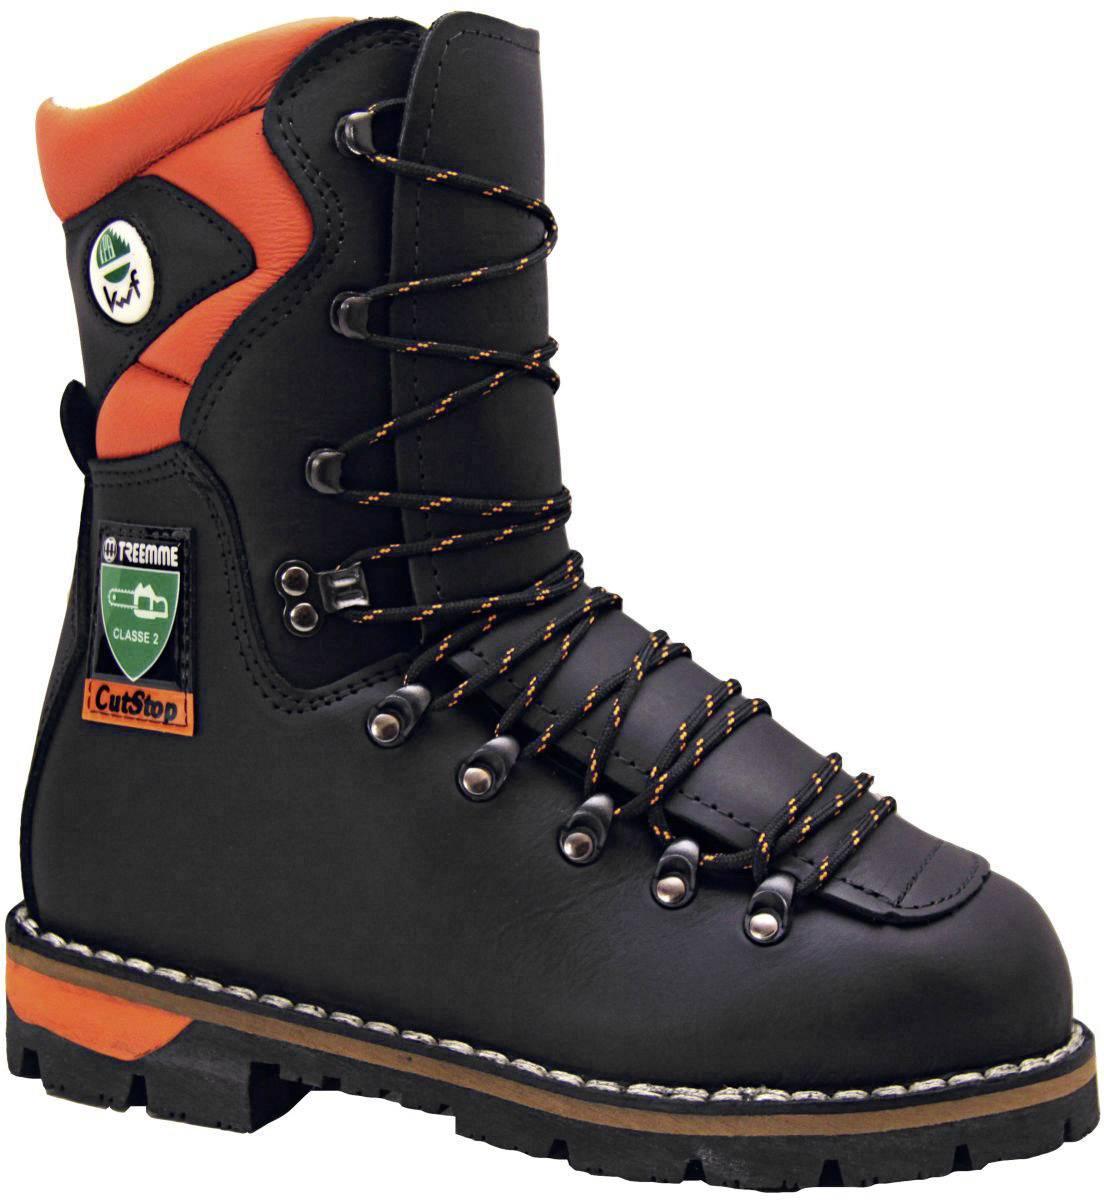 Bezpečnostní obuv s ochranou proti pořezání S3 Treemme 2435, vel.: 45, černá, 1 pár